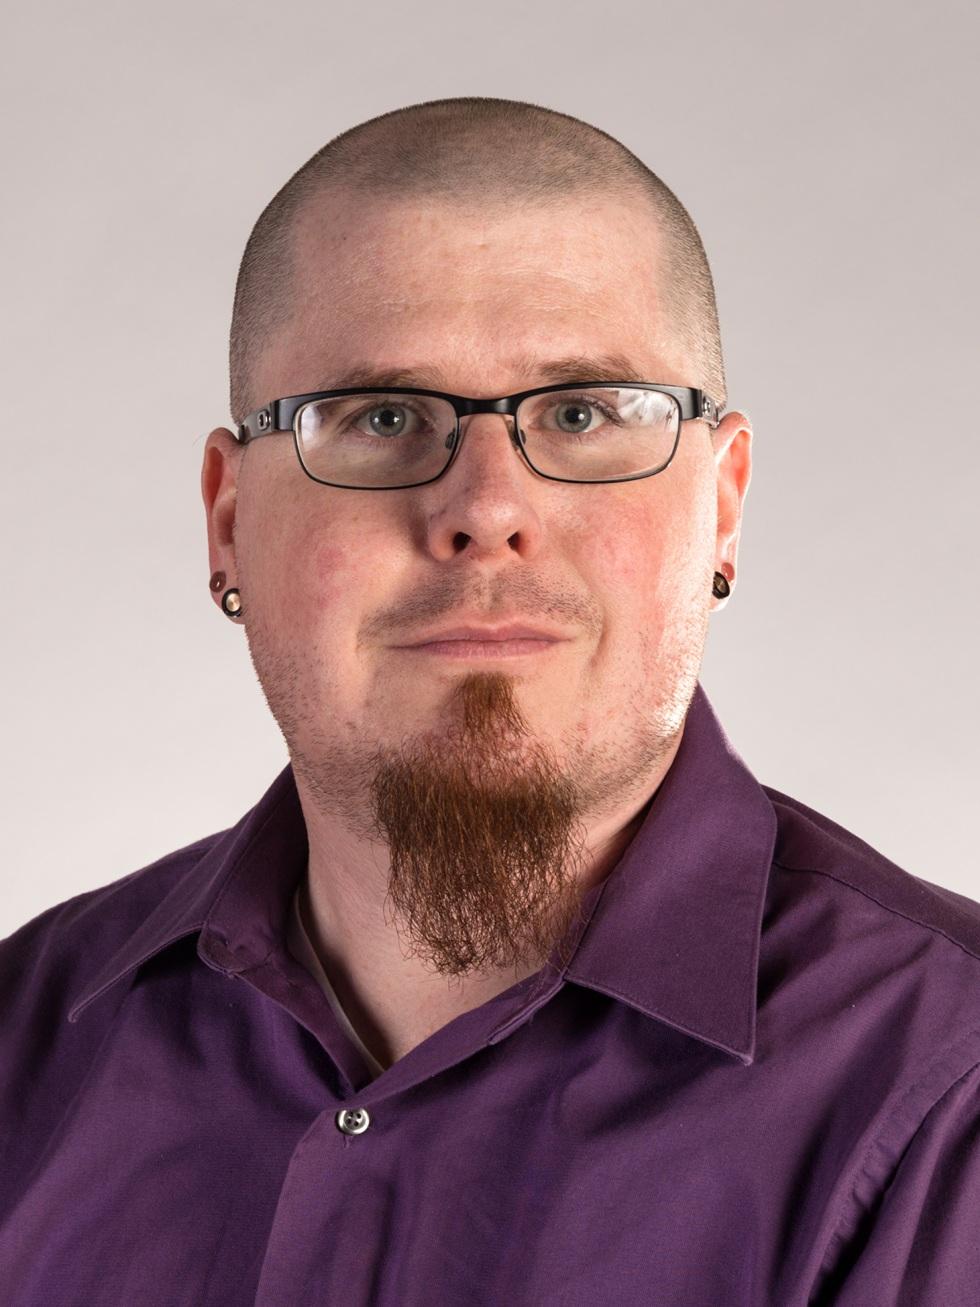 John Hood, data analysis specialist